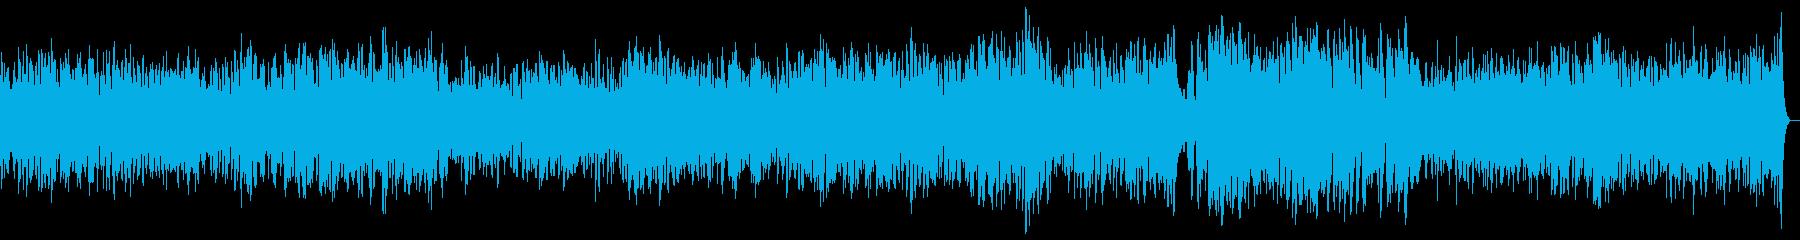 わくわく楽しい軽快なラグタイムピアノ04の再生済みの波形